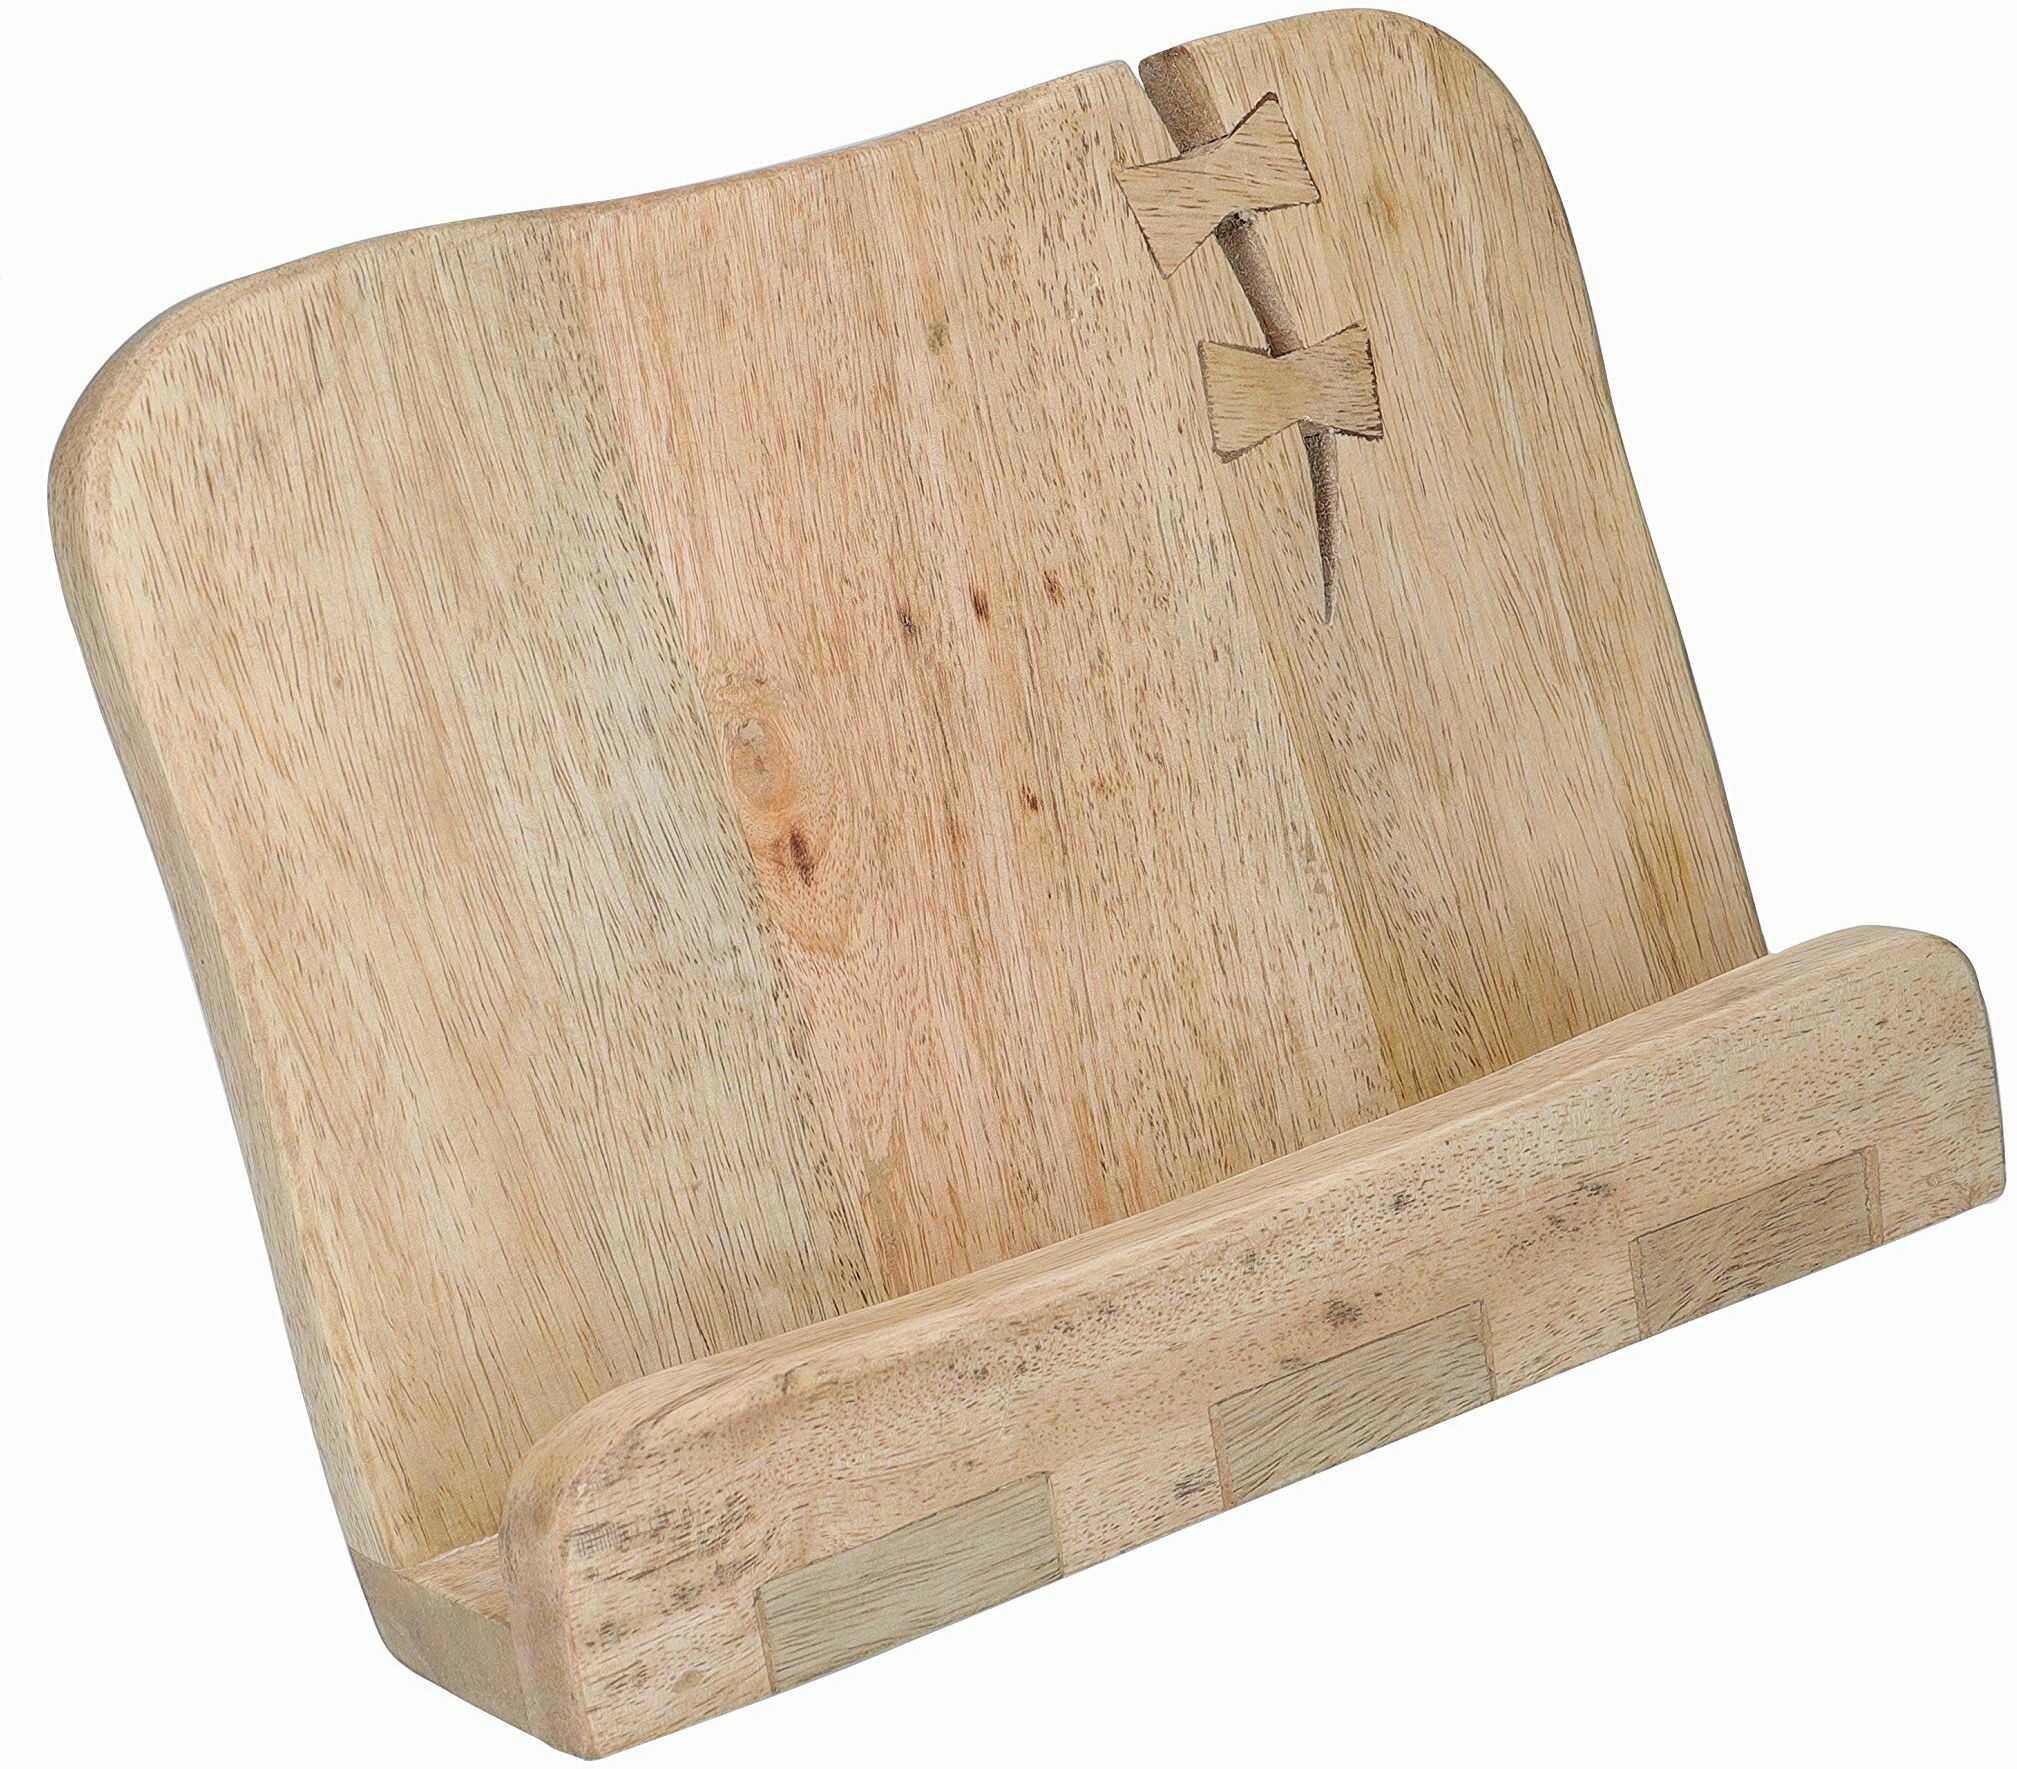 KitchenCraft Serenity Wabi Sabi stojak na książki z przepisami/stojak na tablet, drewno mango, brązowy, 12,5 x 24 x 15,5 cm